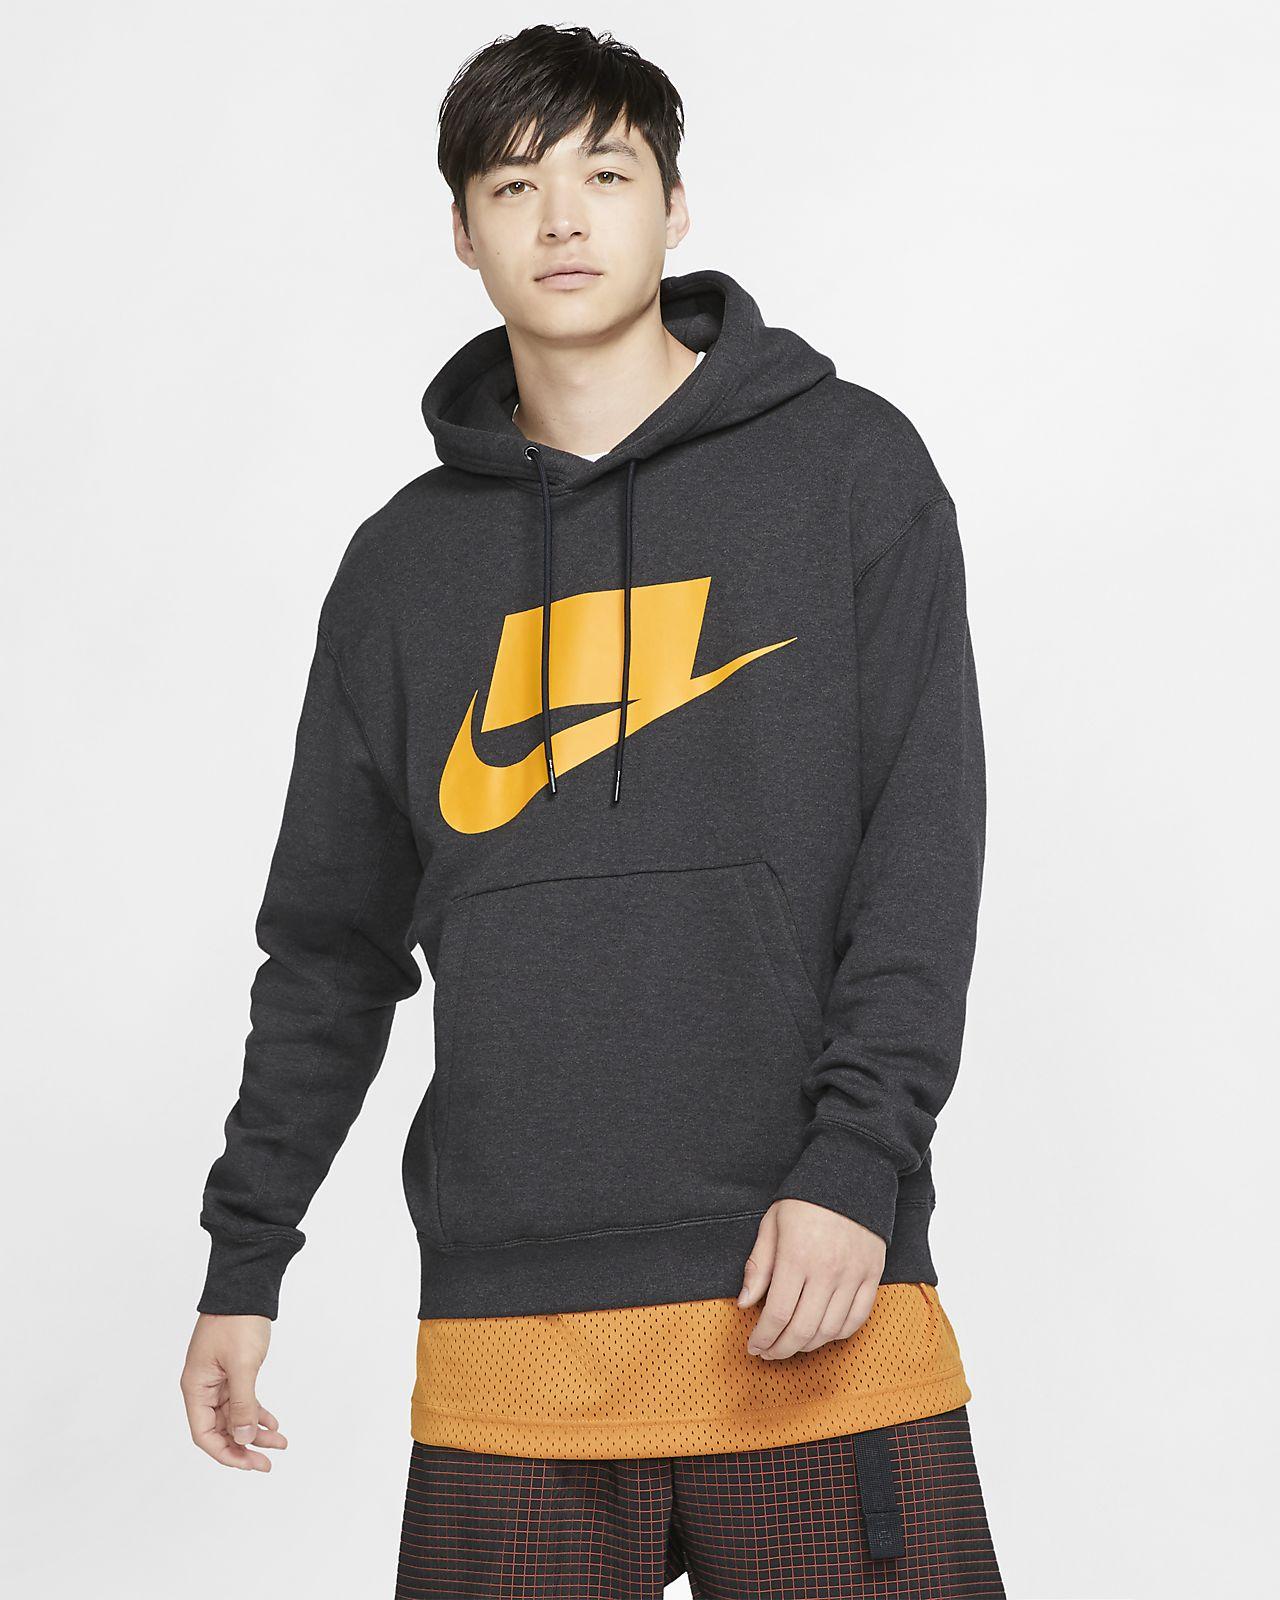 Nike Sportswear Nike Sport Pack 男款法國毛圈布套頭連帽上衣